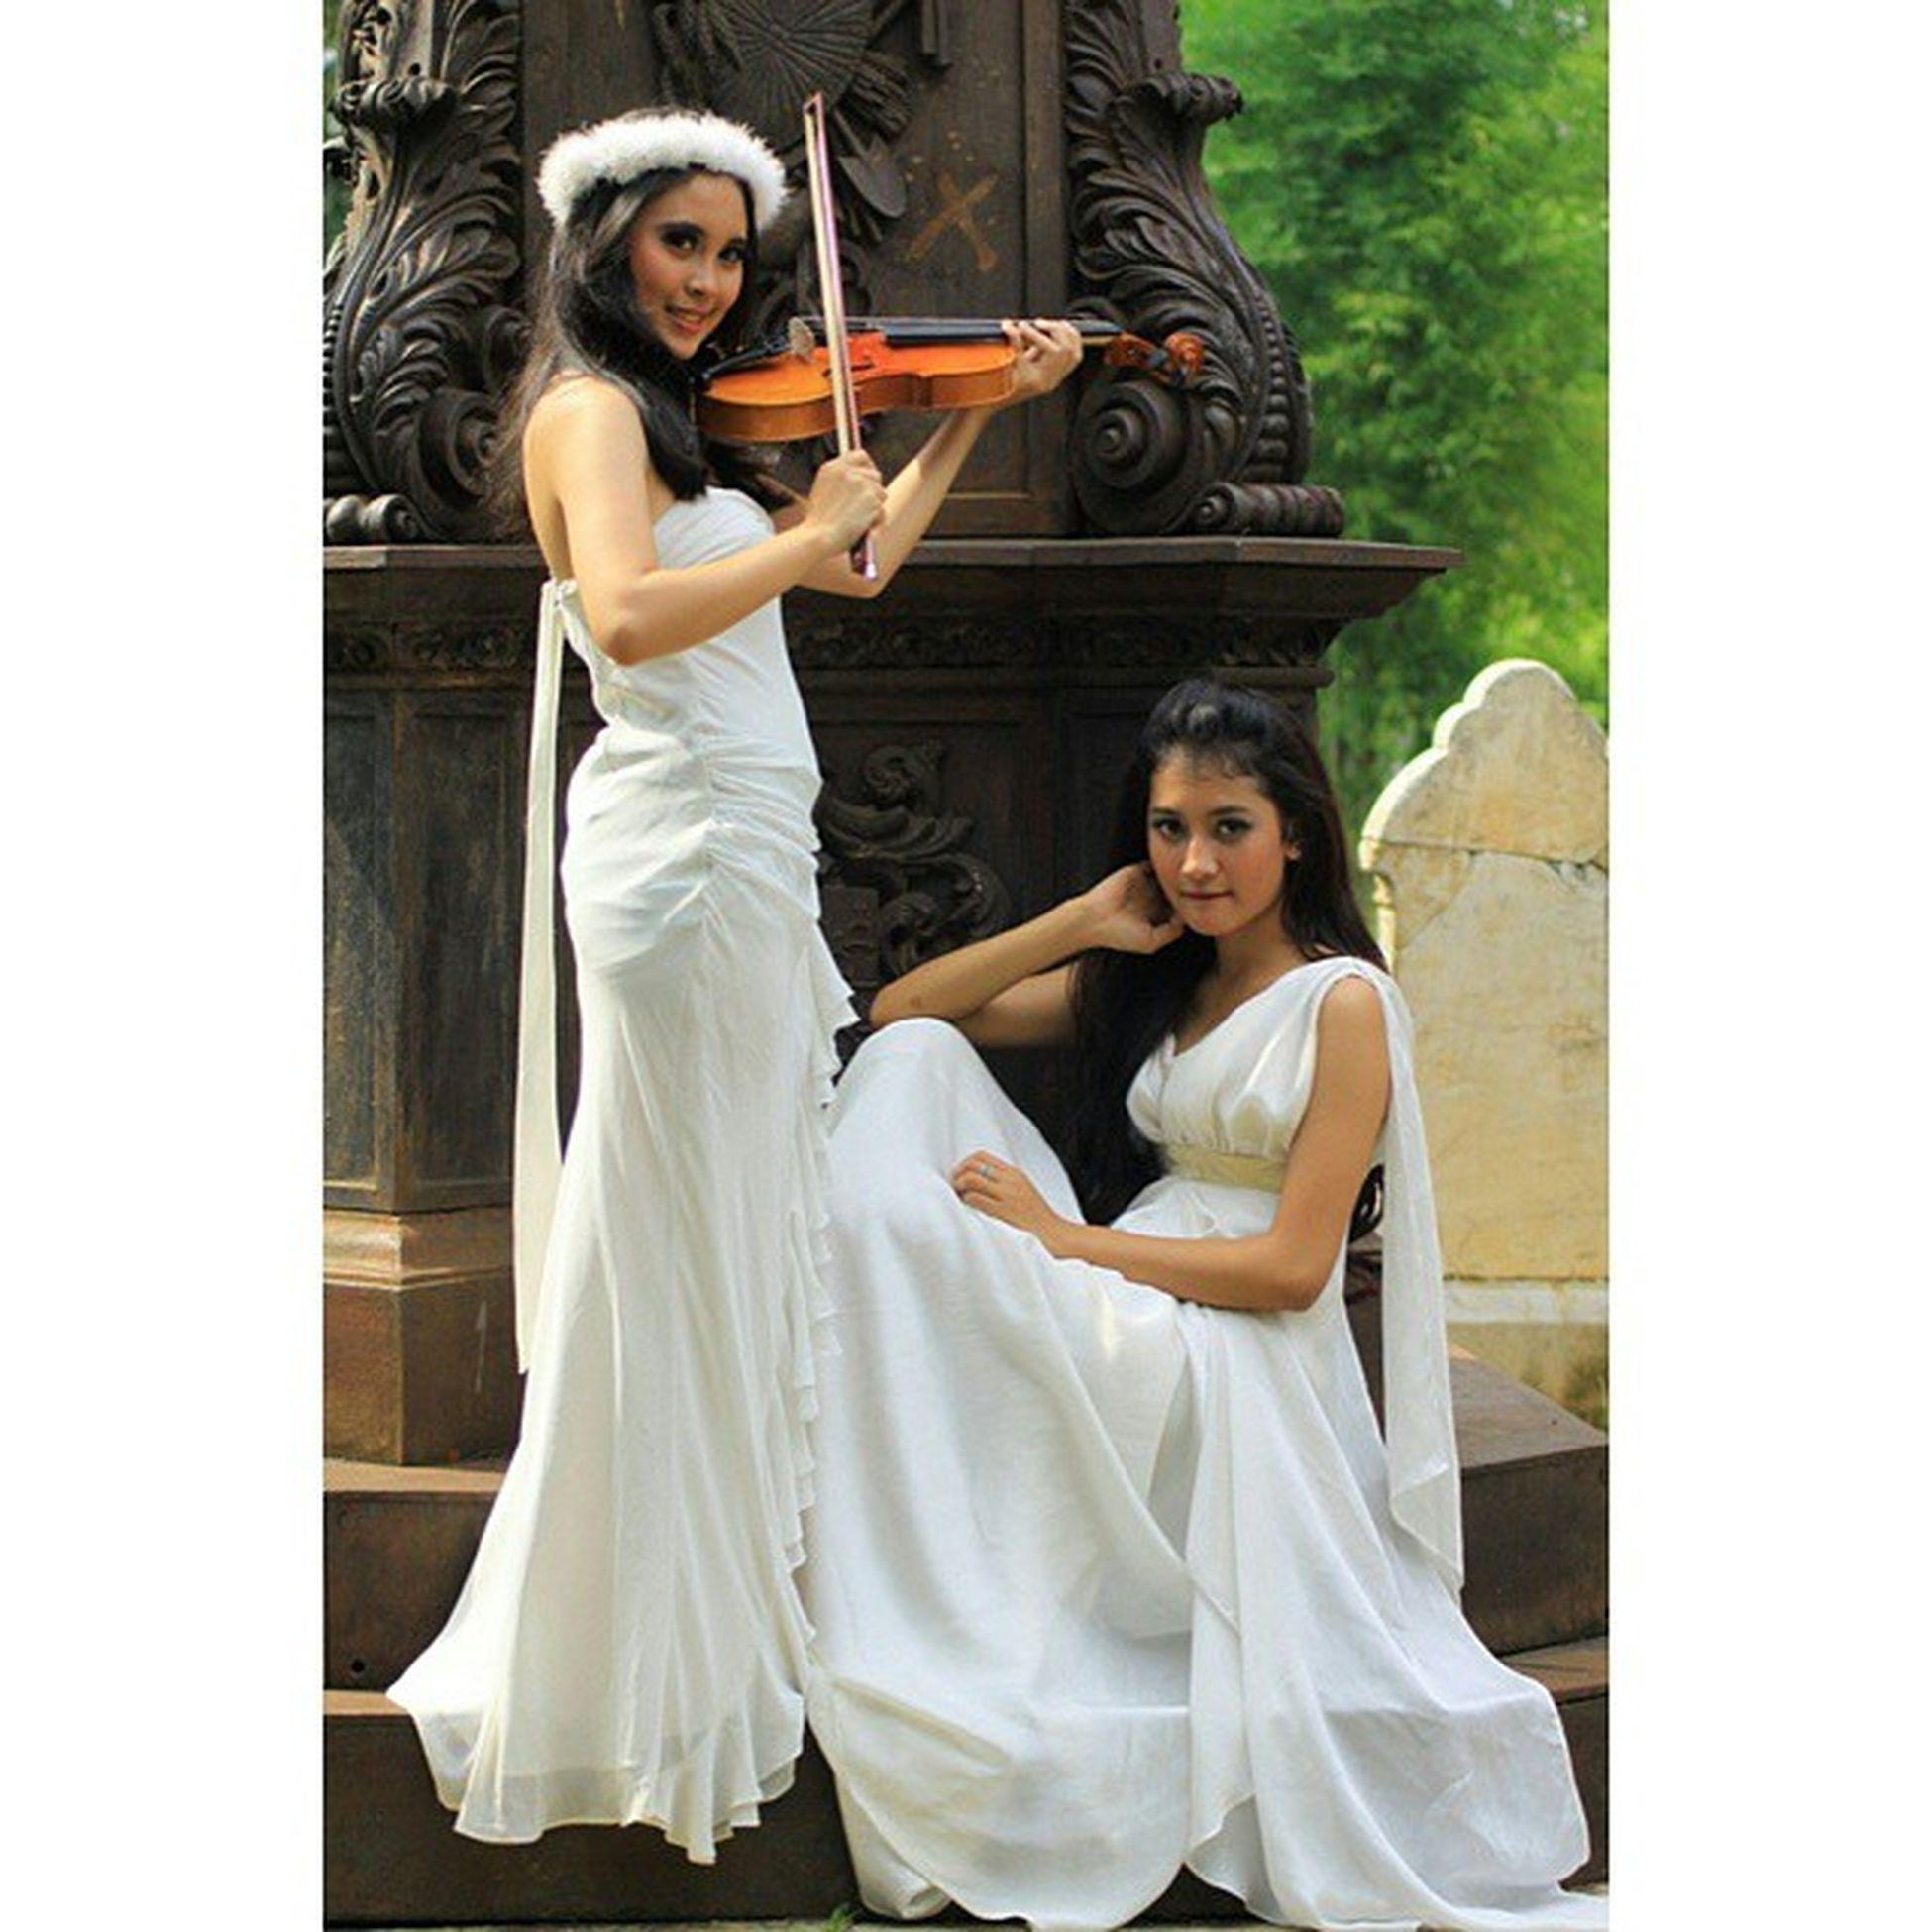 angel Angel Museumtamanprasasti Fricosihaloho Nikonly Jakartamodel InstaMagAndroid